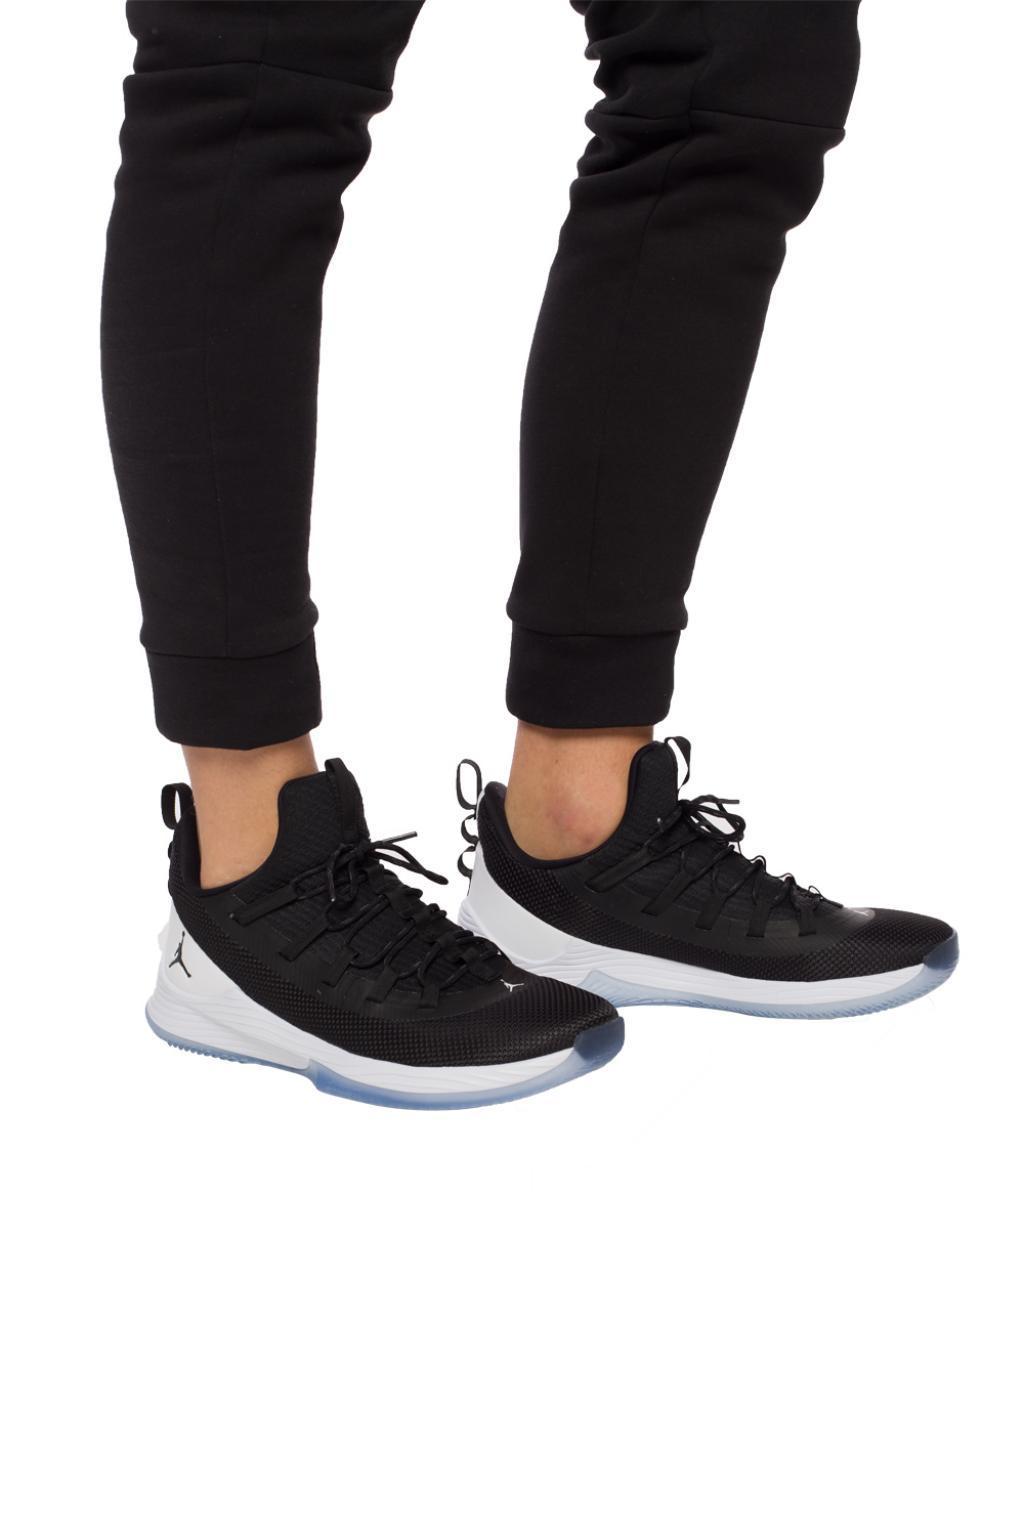 b1966fa1f509 Nike - Black  jordan Ultra Fly 2 Low  Sneakers for Men - Lyst. View  fullscreen